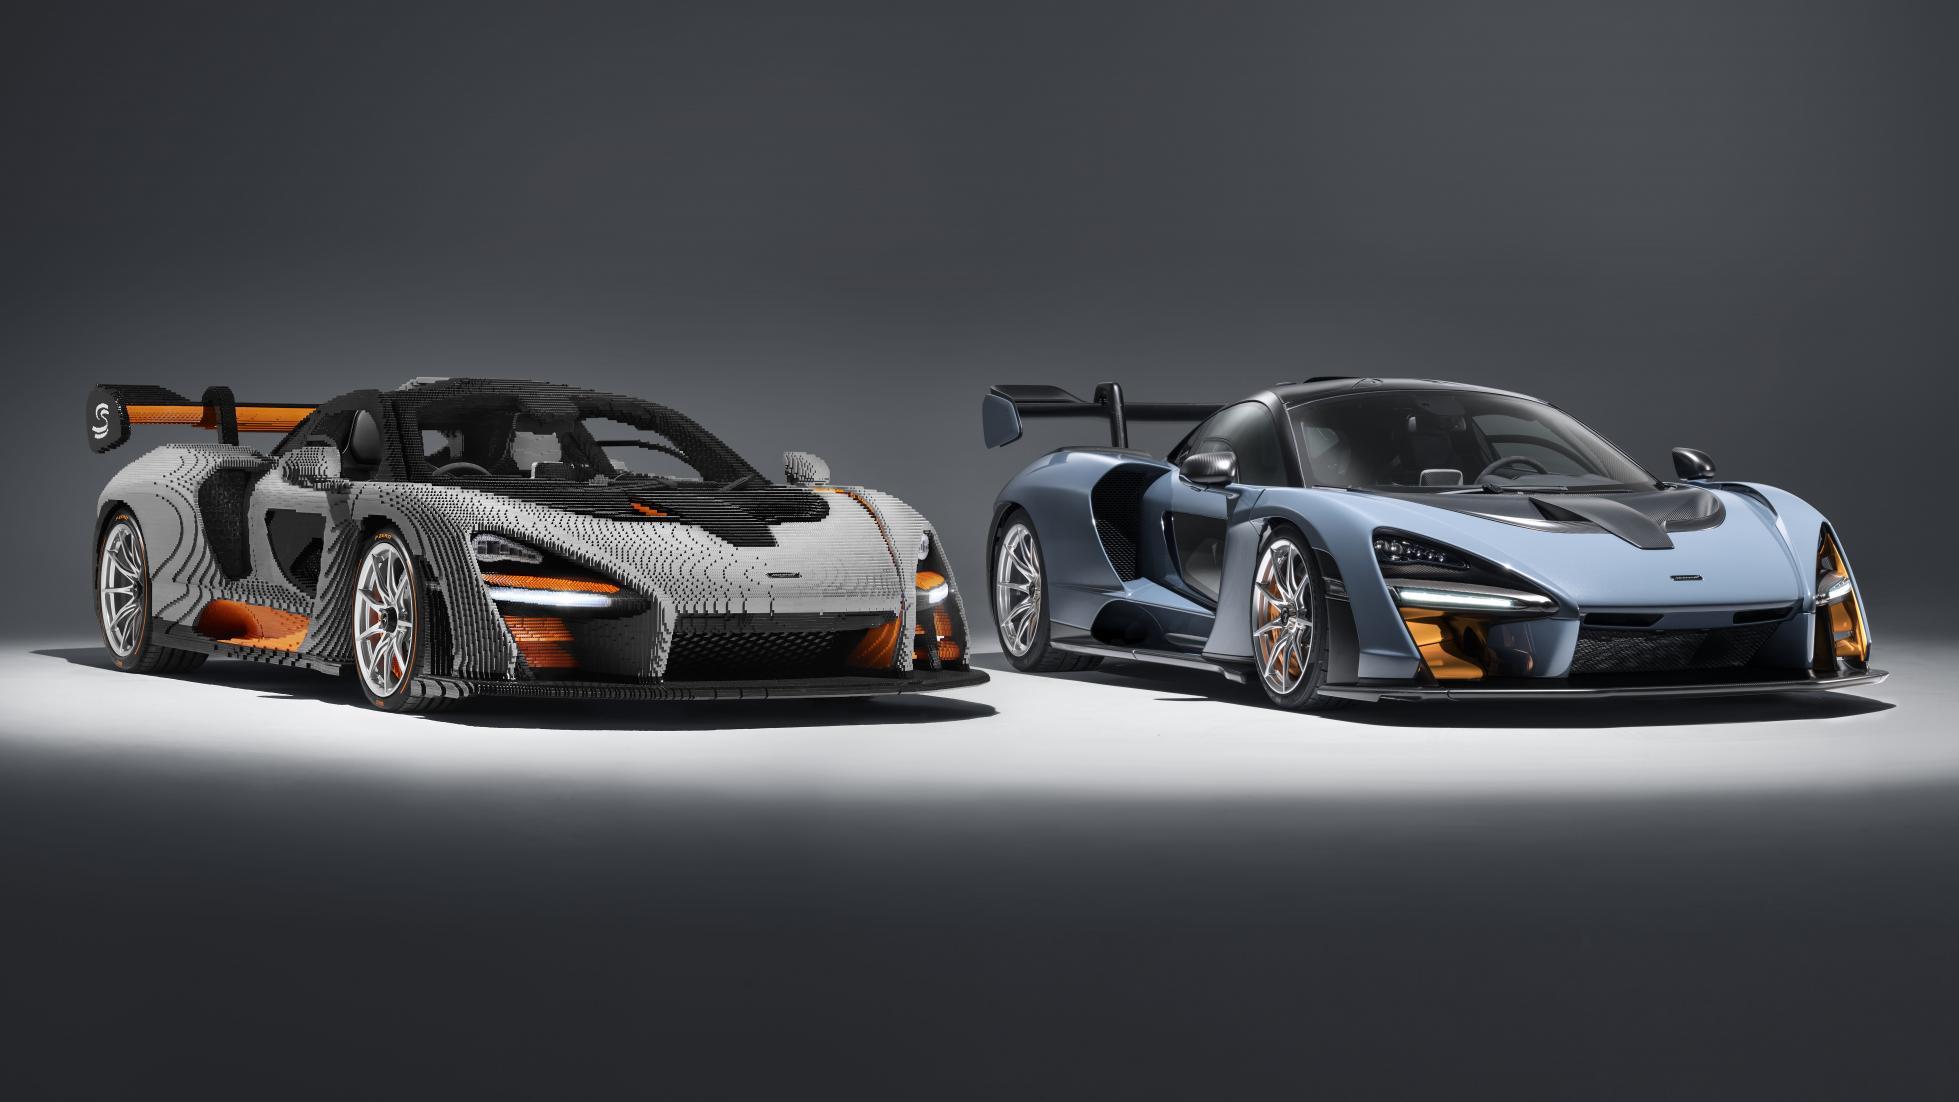 Vlevo LEGO model, vpravo originál McLaren Senna